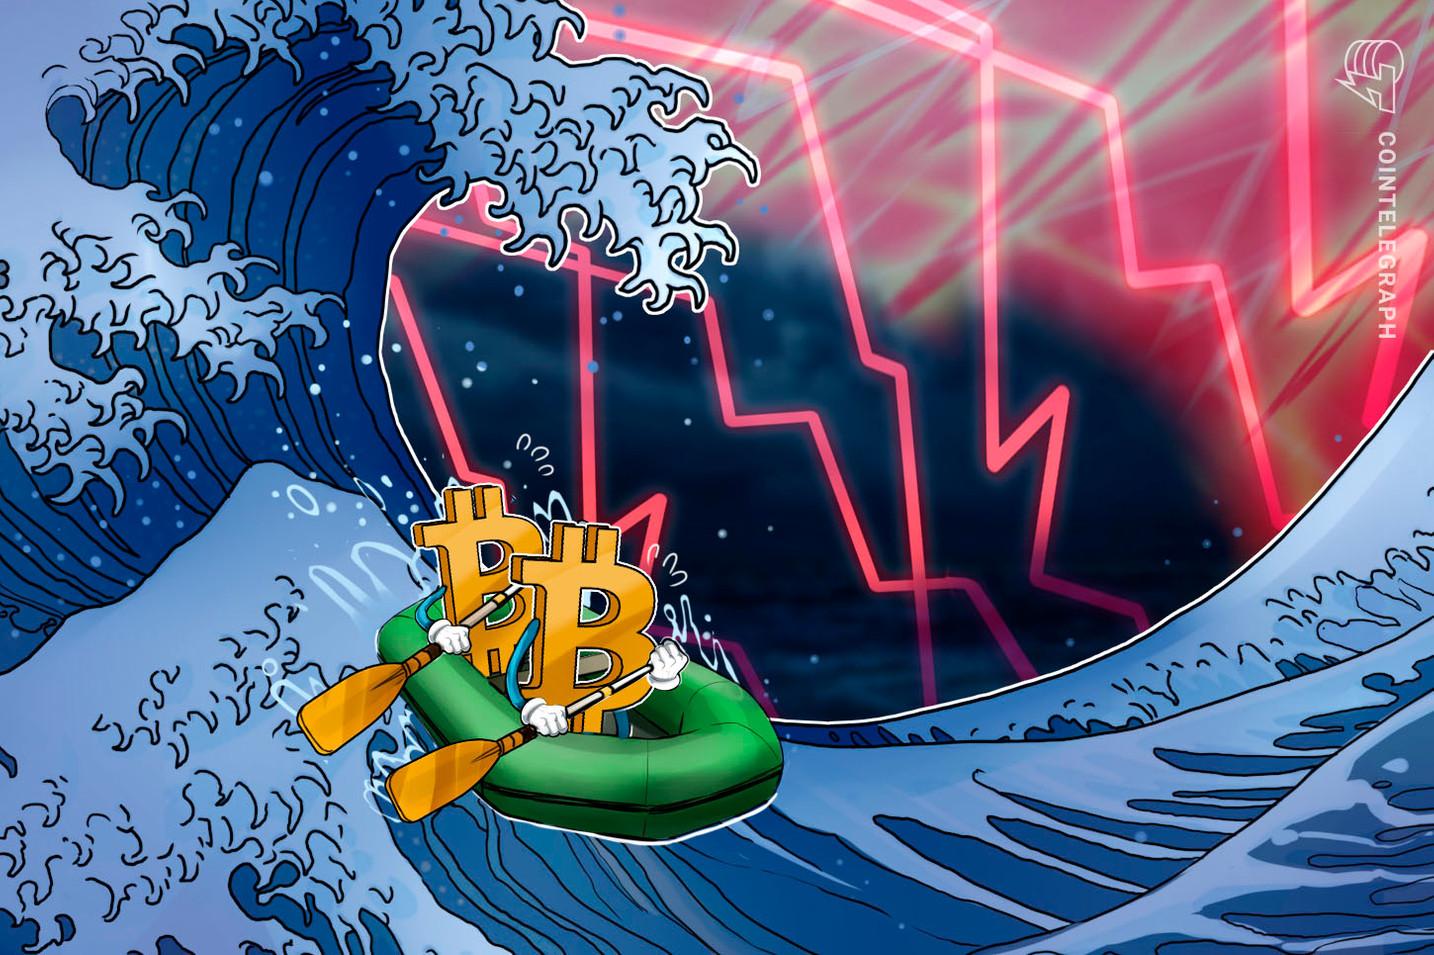 Halb so schlimm – Krypto-Experten sehen Crash von Bitcoin überwiegend positiv